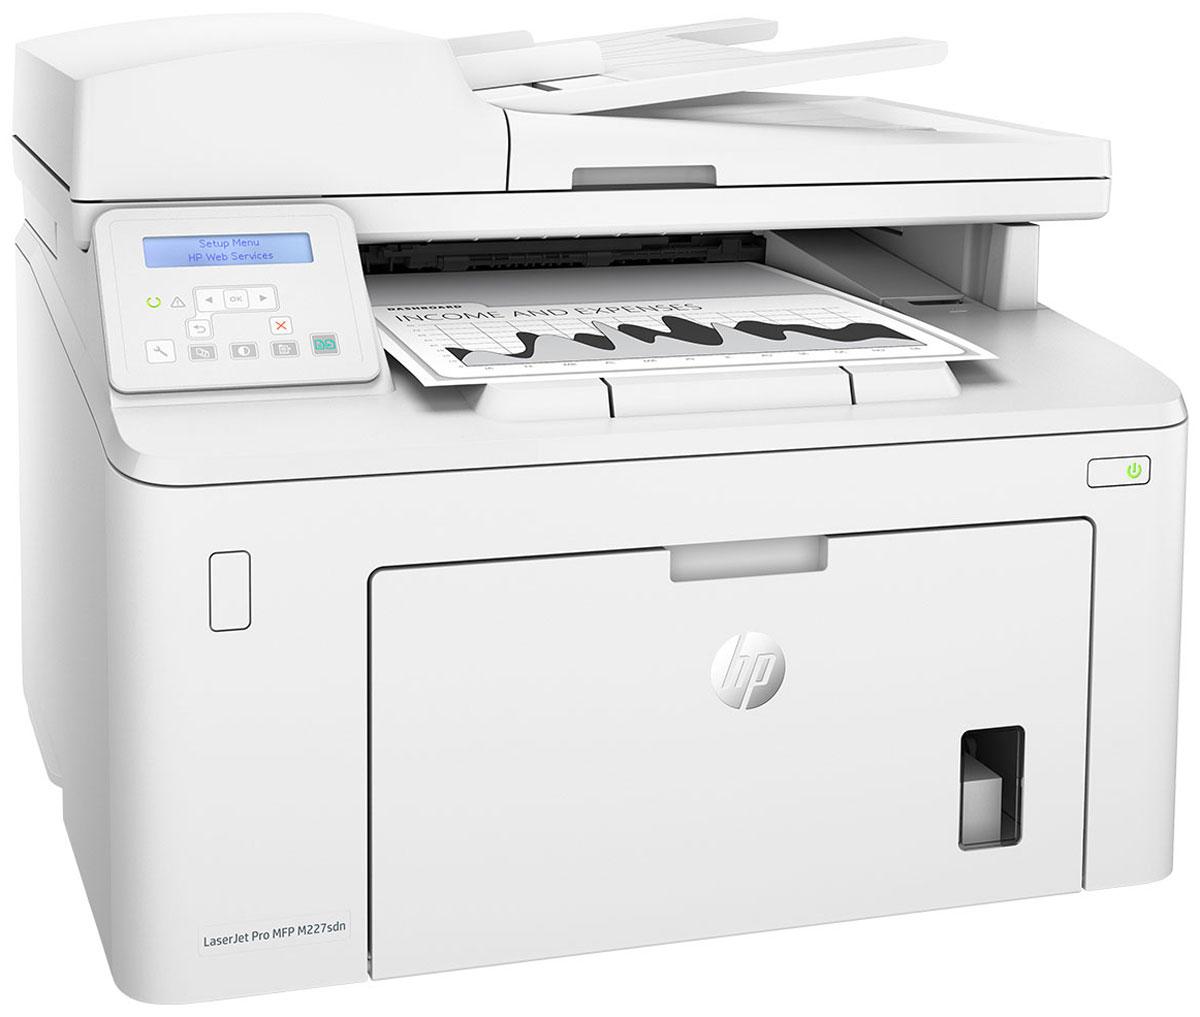 HP LaserJet Pro M227sdn МФУG3Q74AМФУ HP LaserJet Pro M227sdn с картриджами Jetlntelligence обеспечат более высокий уровень производительности и защиты. Задайте новые стандарты скорости для вашего бизнеса. Выполняйте быструю двустороннюю печать, сканирование и копирование с простым управлением для повышения эффективности. Высокие скорости, низкое энергопотребление Выполняйте печать, сканирование и копирование с помощью компактного многофункционального лазерного принтера, который занимает совсем немного места. Скорость печати соответствует требованиям развивающегося бизнеса: этот принтер оснащен модулем быстрой двусторонней печати, на печать первой страницы уходит всего 7 секунд. Экономьте электроэнергию благодаря технологии HP Auto-0n/Auto-0ff. Специальные бизнес-приложения позволяют выполнять сканирование напрямую в электронную почту, на USB- накопитель и в сетевые папки. Печать с iPhone и iPad с помощью технологии AirPrint с автоматическим...